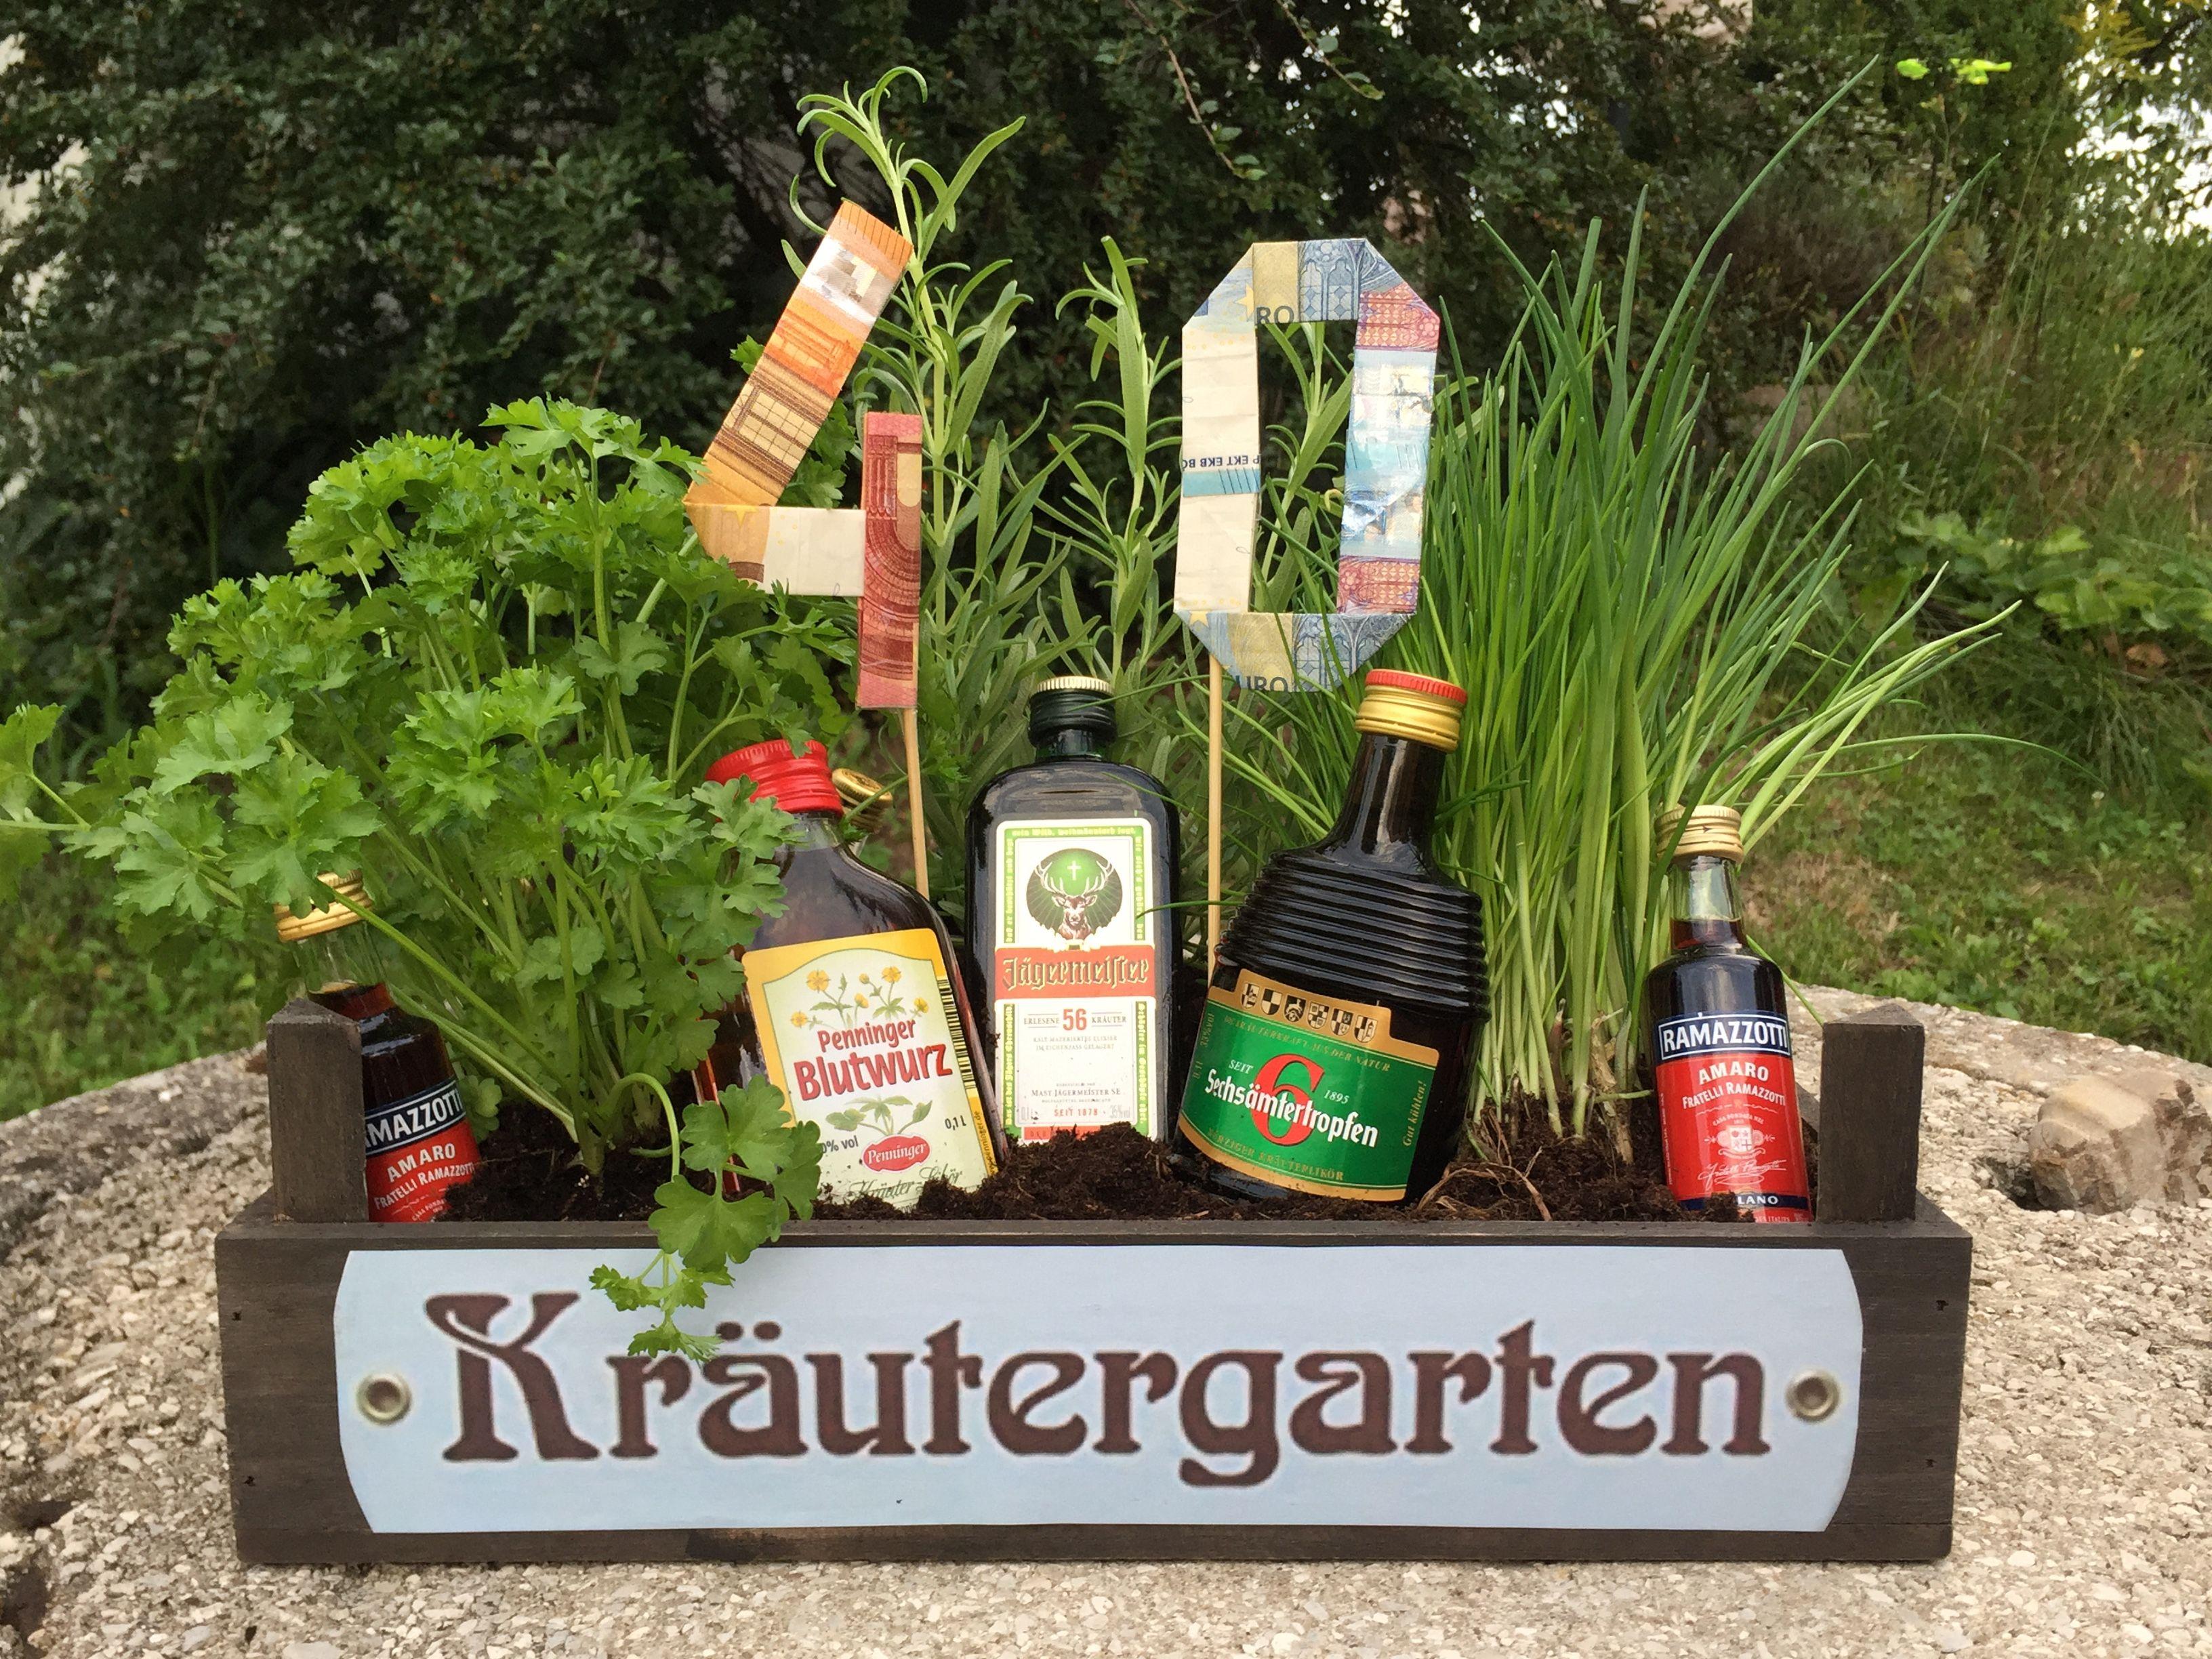 Kräutergarten #kleinekräutergärten